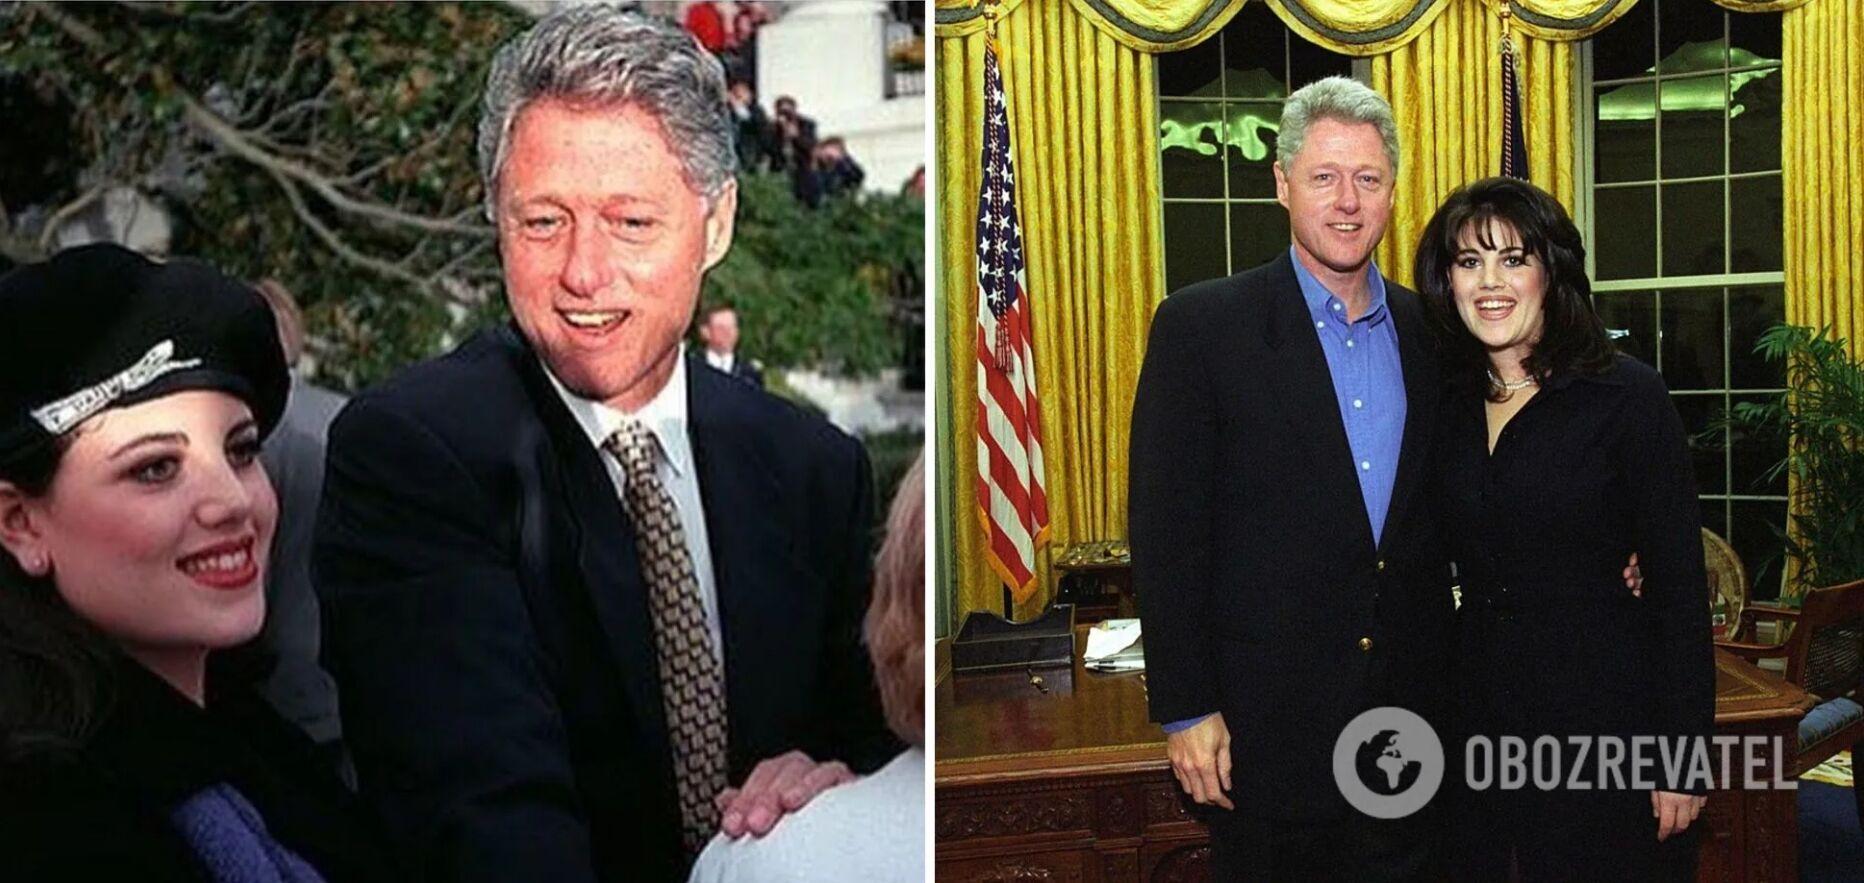 Моника Левински смогла секс-скандал с президентом США Биллом Клинтоном использовать в свою пользу